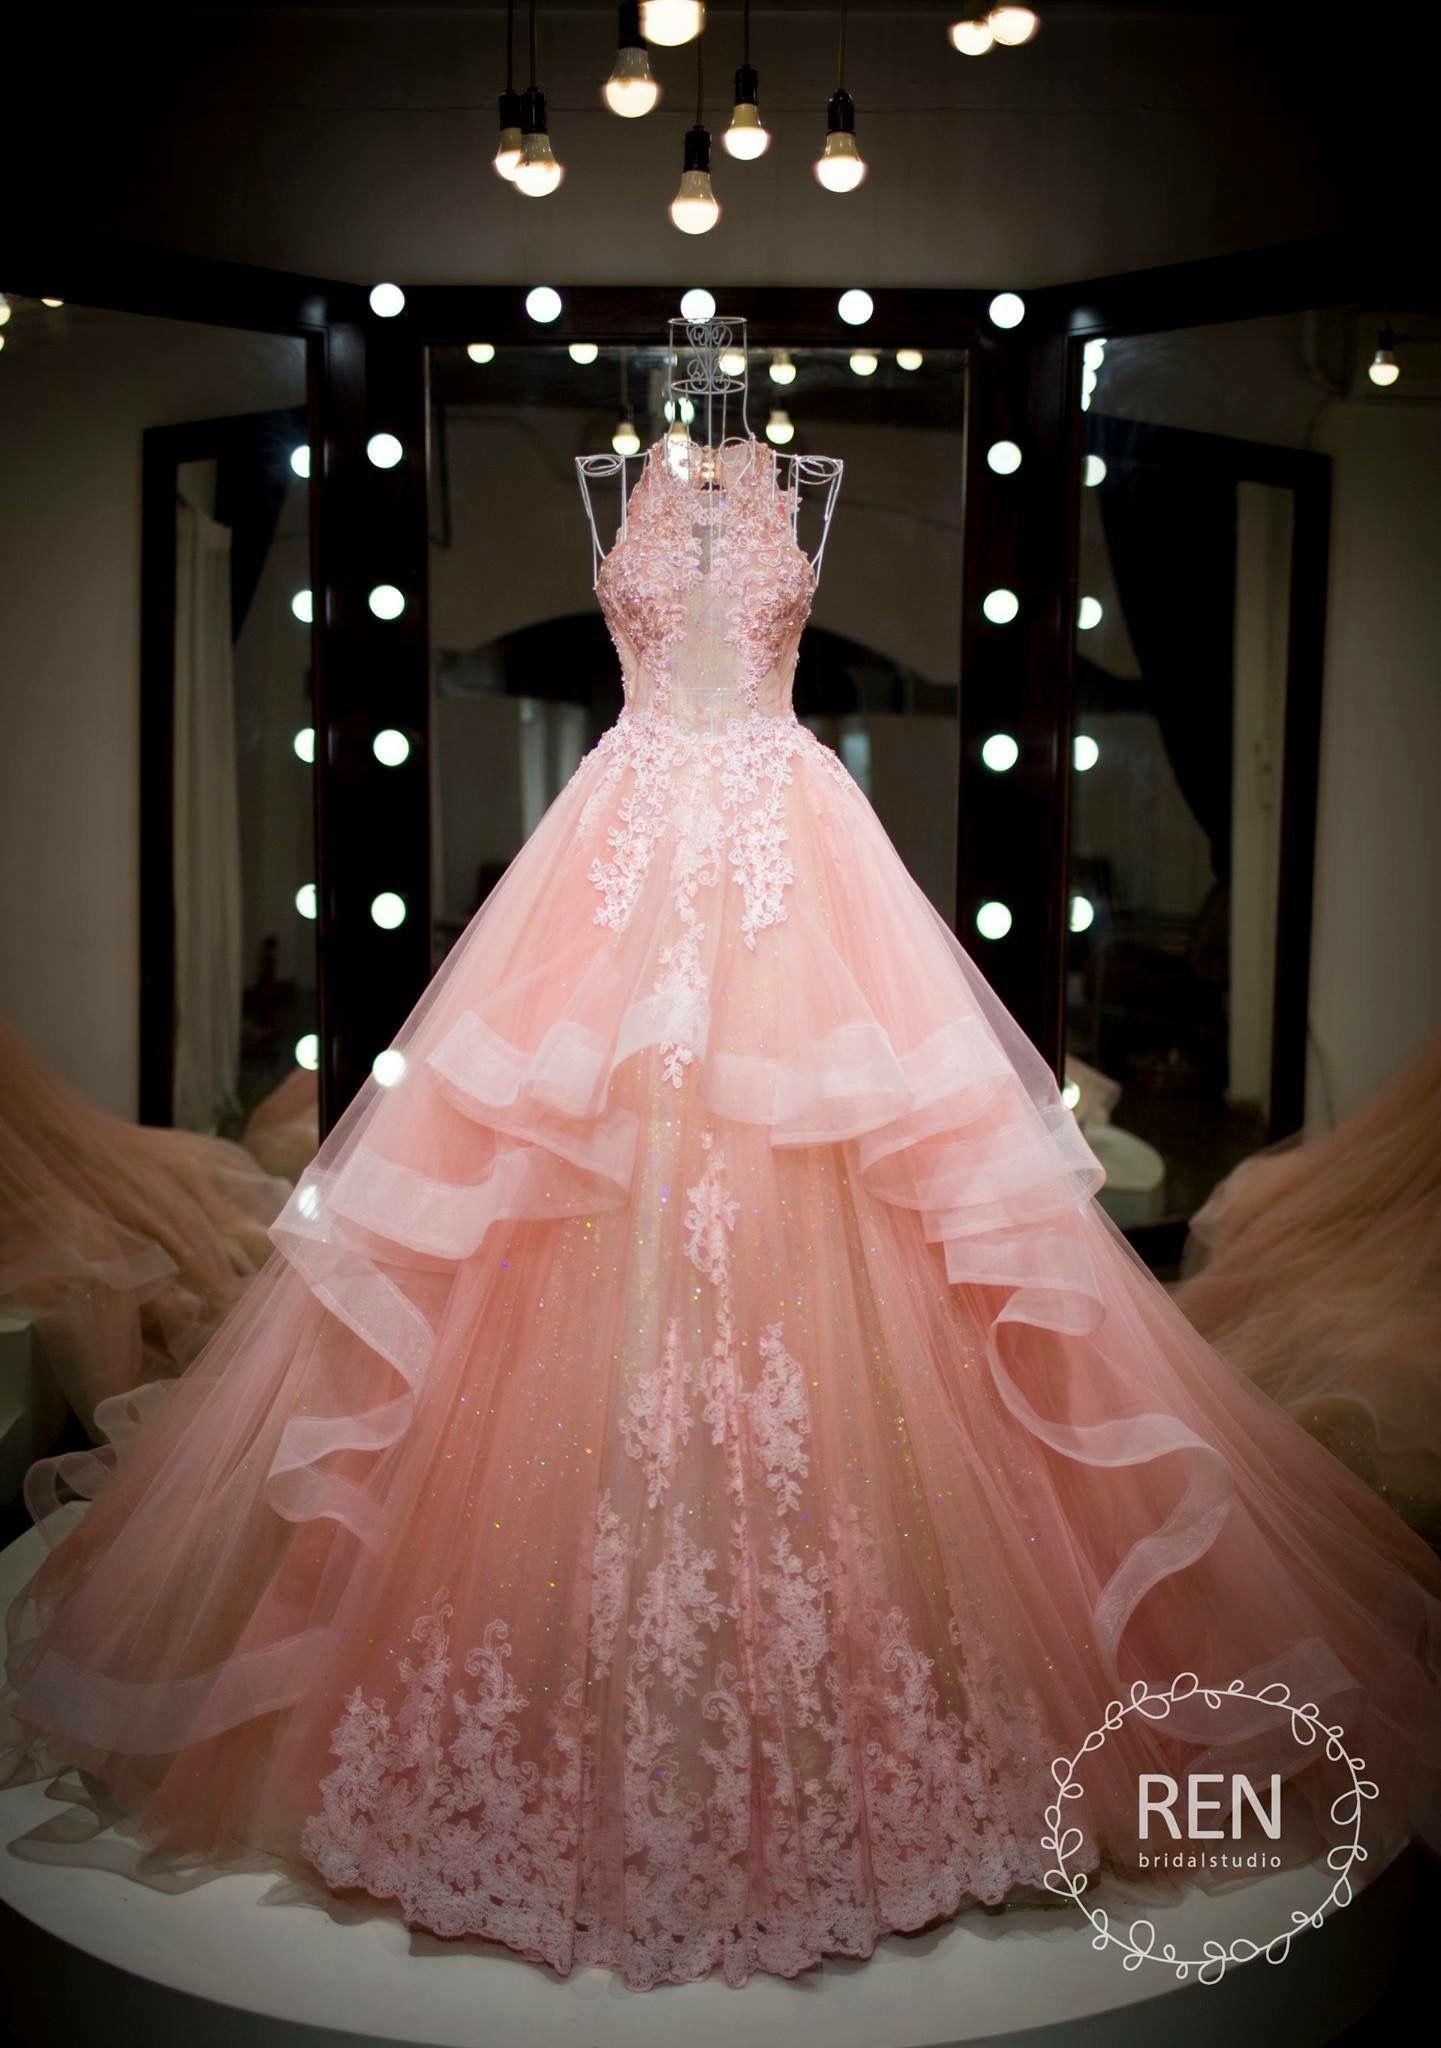 Pin de Hạnh Phạm en Wedding | Pinterest | Vestiditos, 15 años y Años